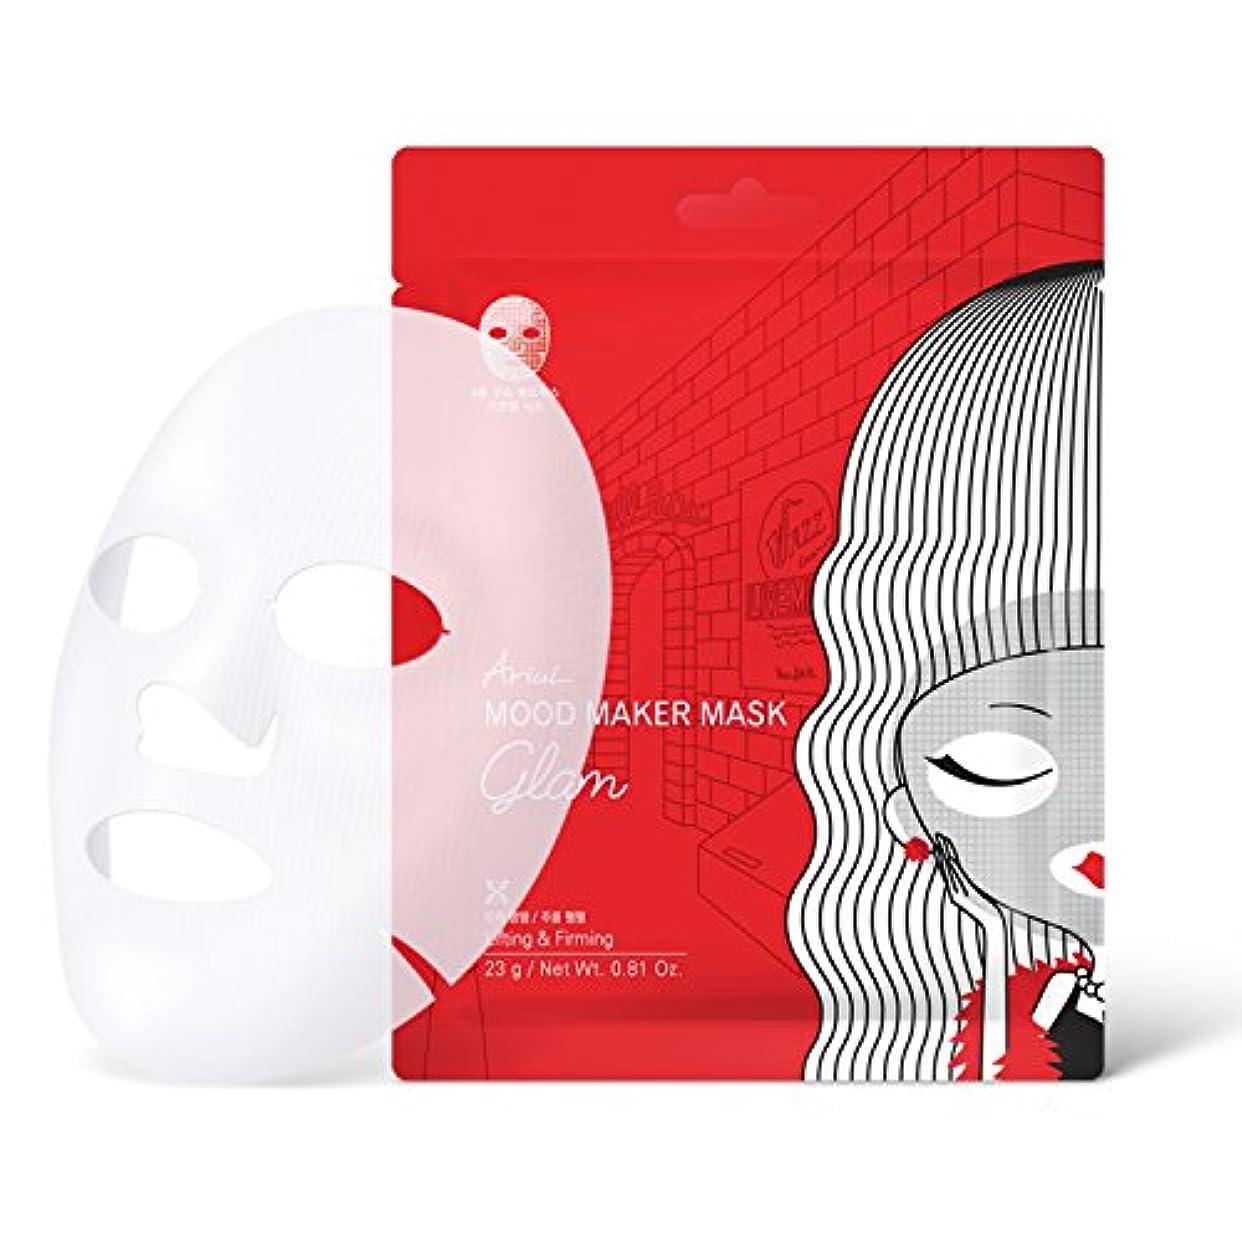 平衡秘密の失効アリウル ムードメーカーマスク グラマラス 1枚入り